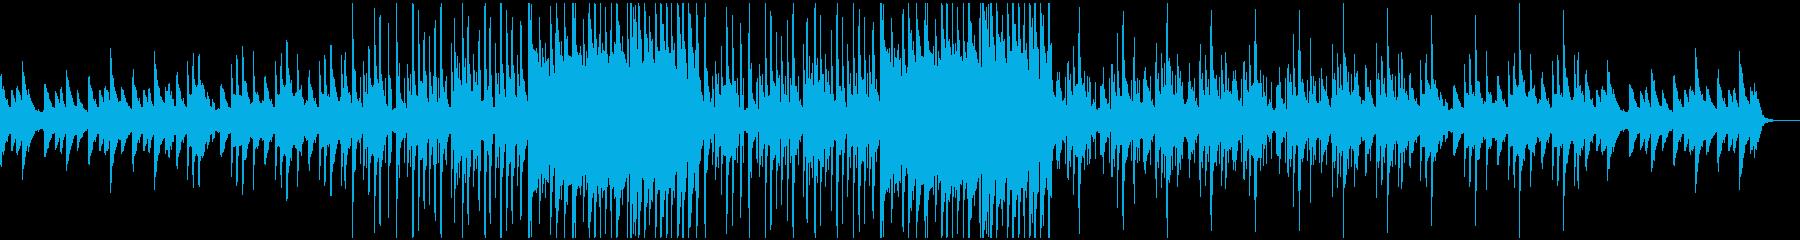 しっとりPianoのリズム安堵ブルースの再生済みの波形